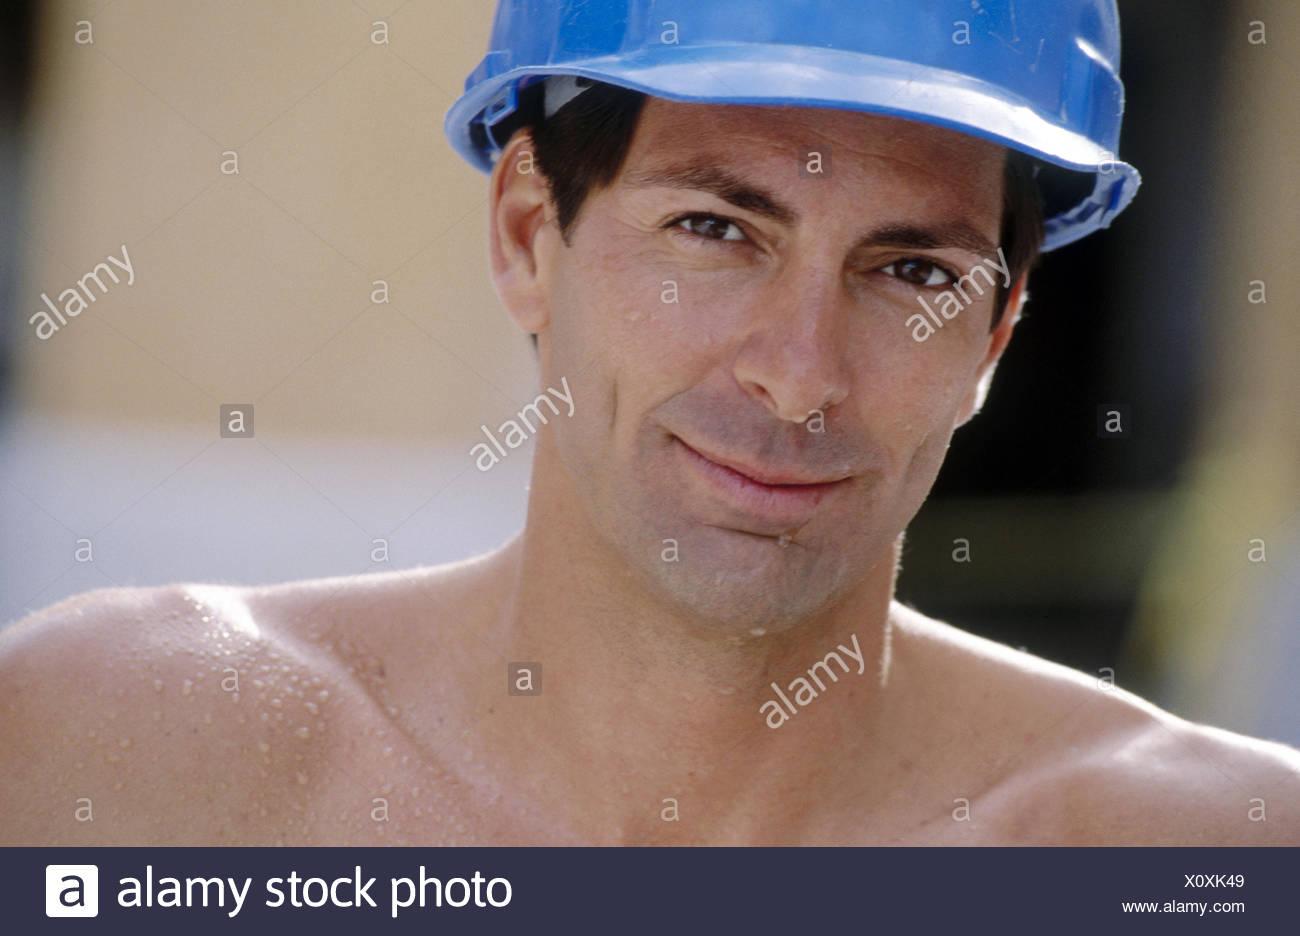 Collare blu lavoratore il ritratto Immagini Stock